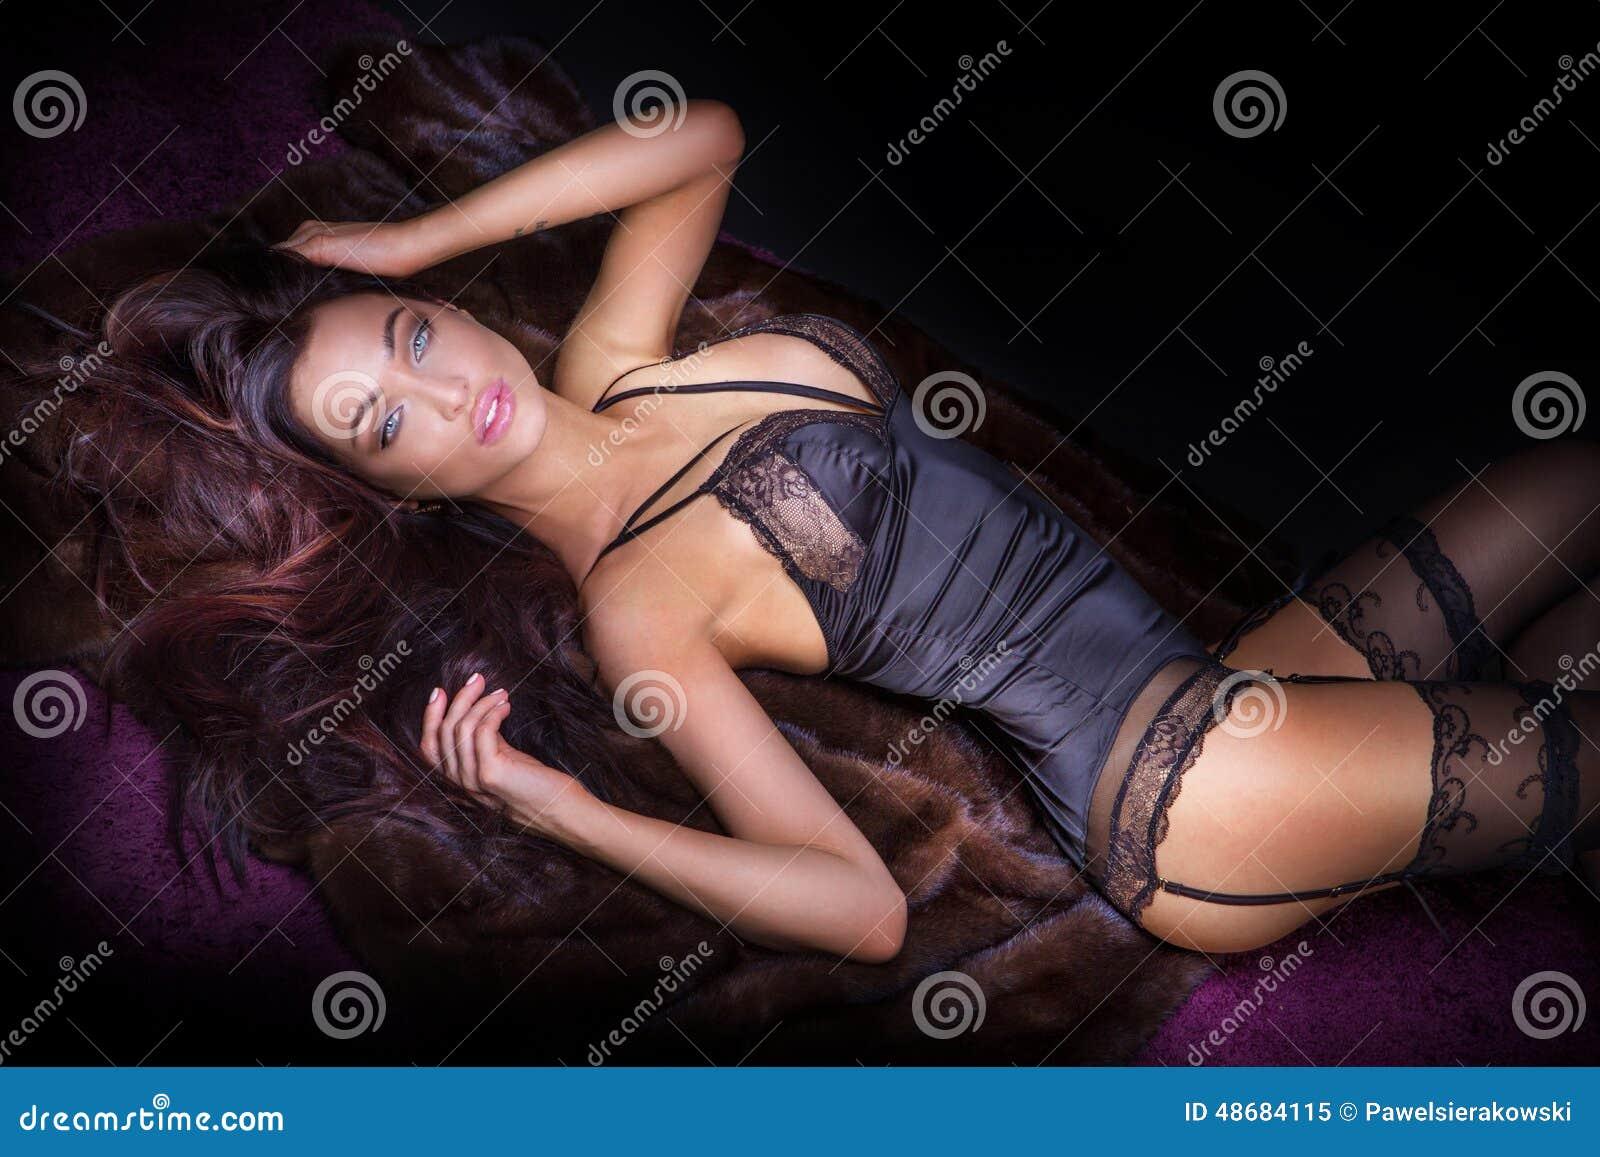 Эротический массаж для женщины екатеринбург 5 фотография